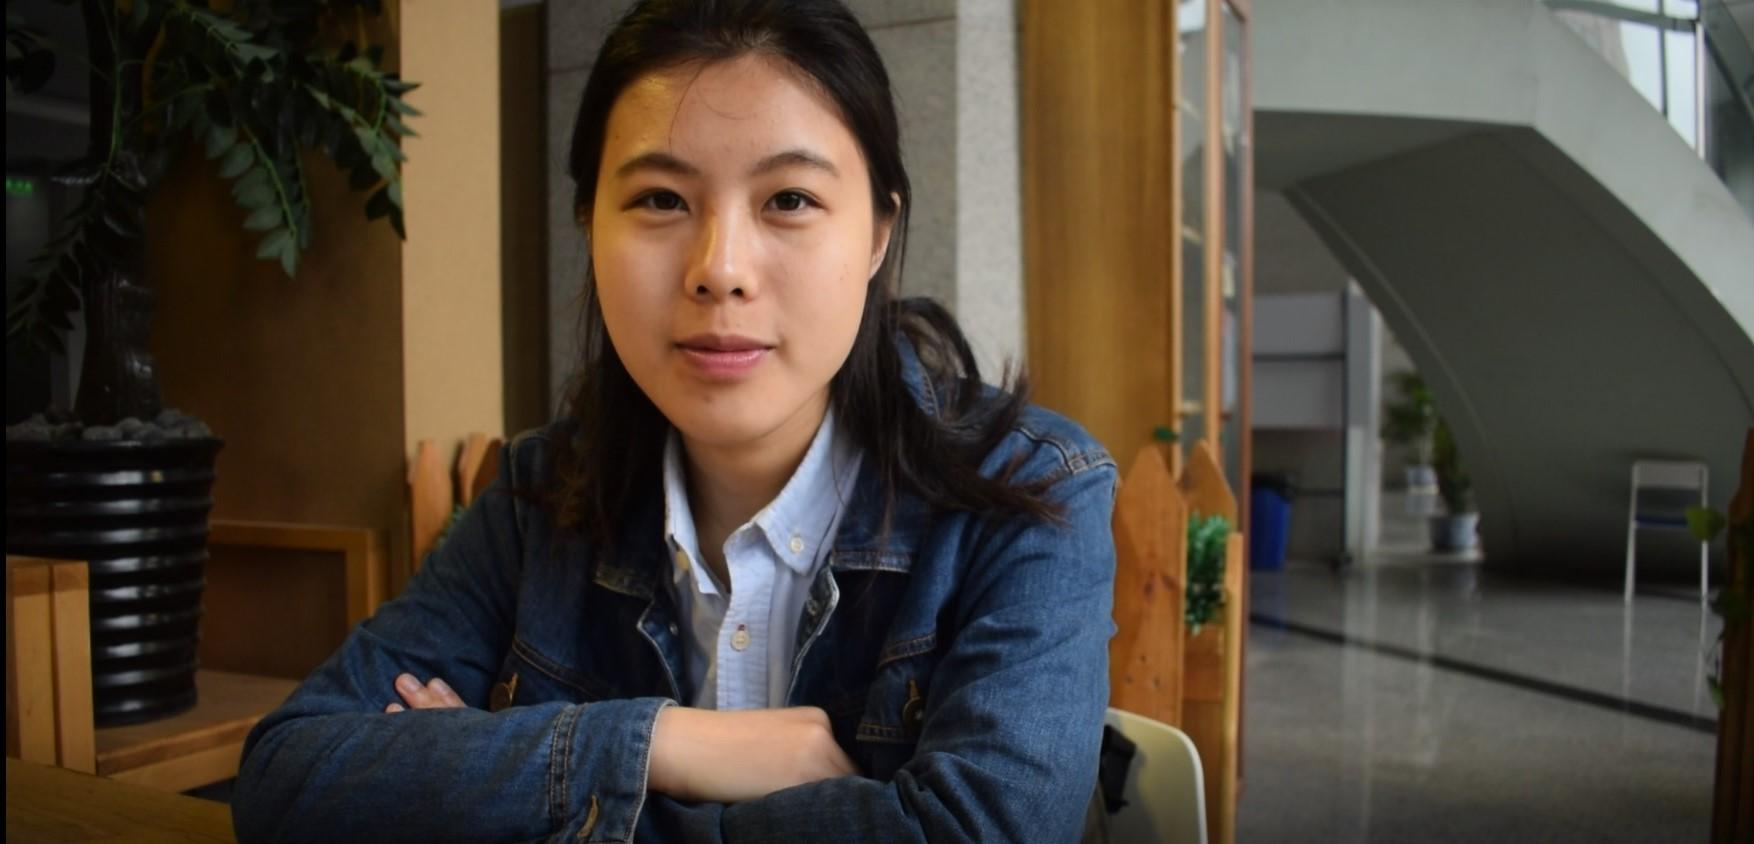 Summer Xia contra la homofobia de los libros de texto chinos